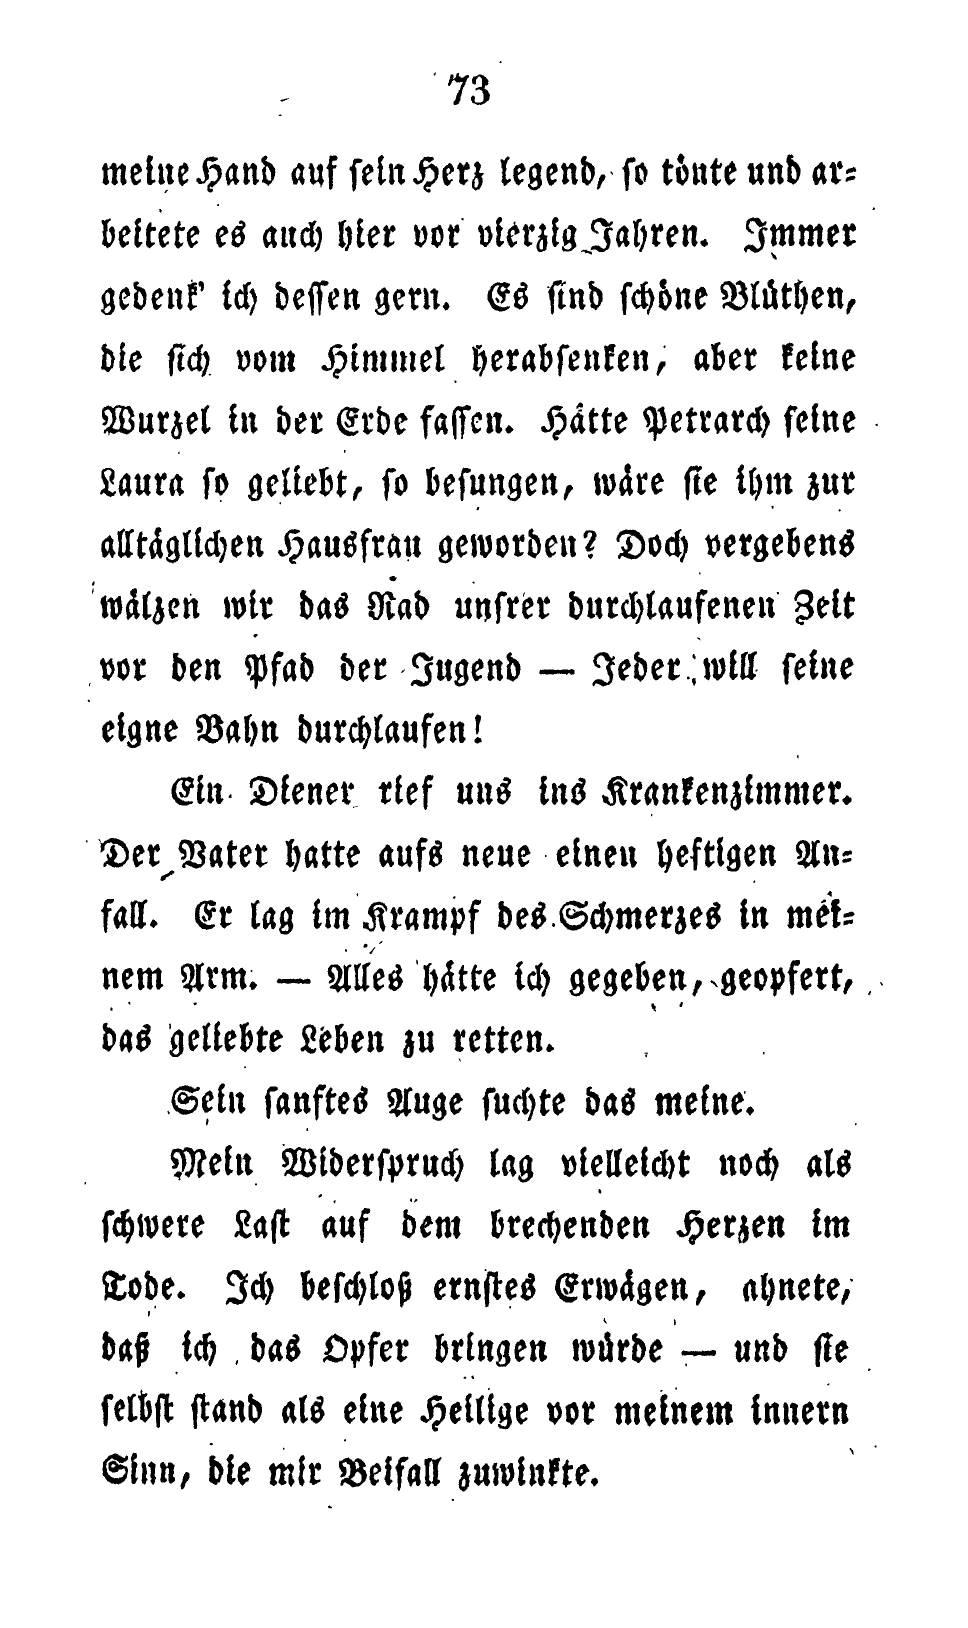 File:De Erzählungen (Wolzogen) V2 077.jpg - Wikimedia Commons